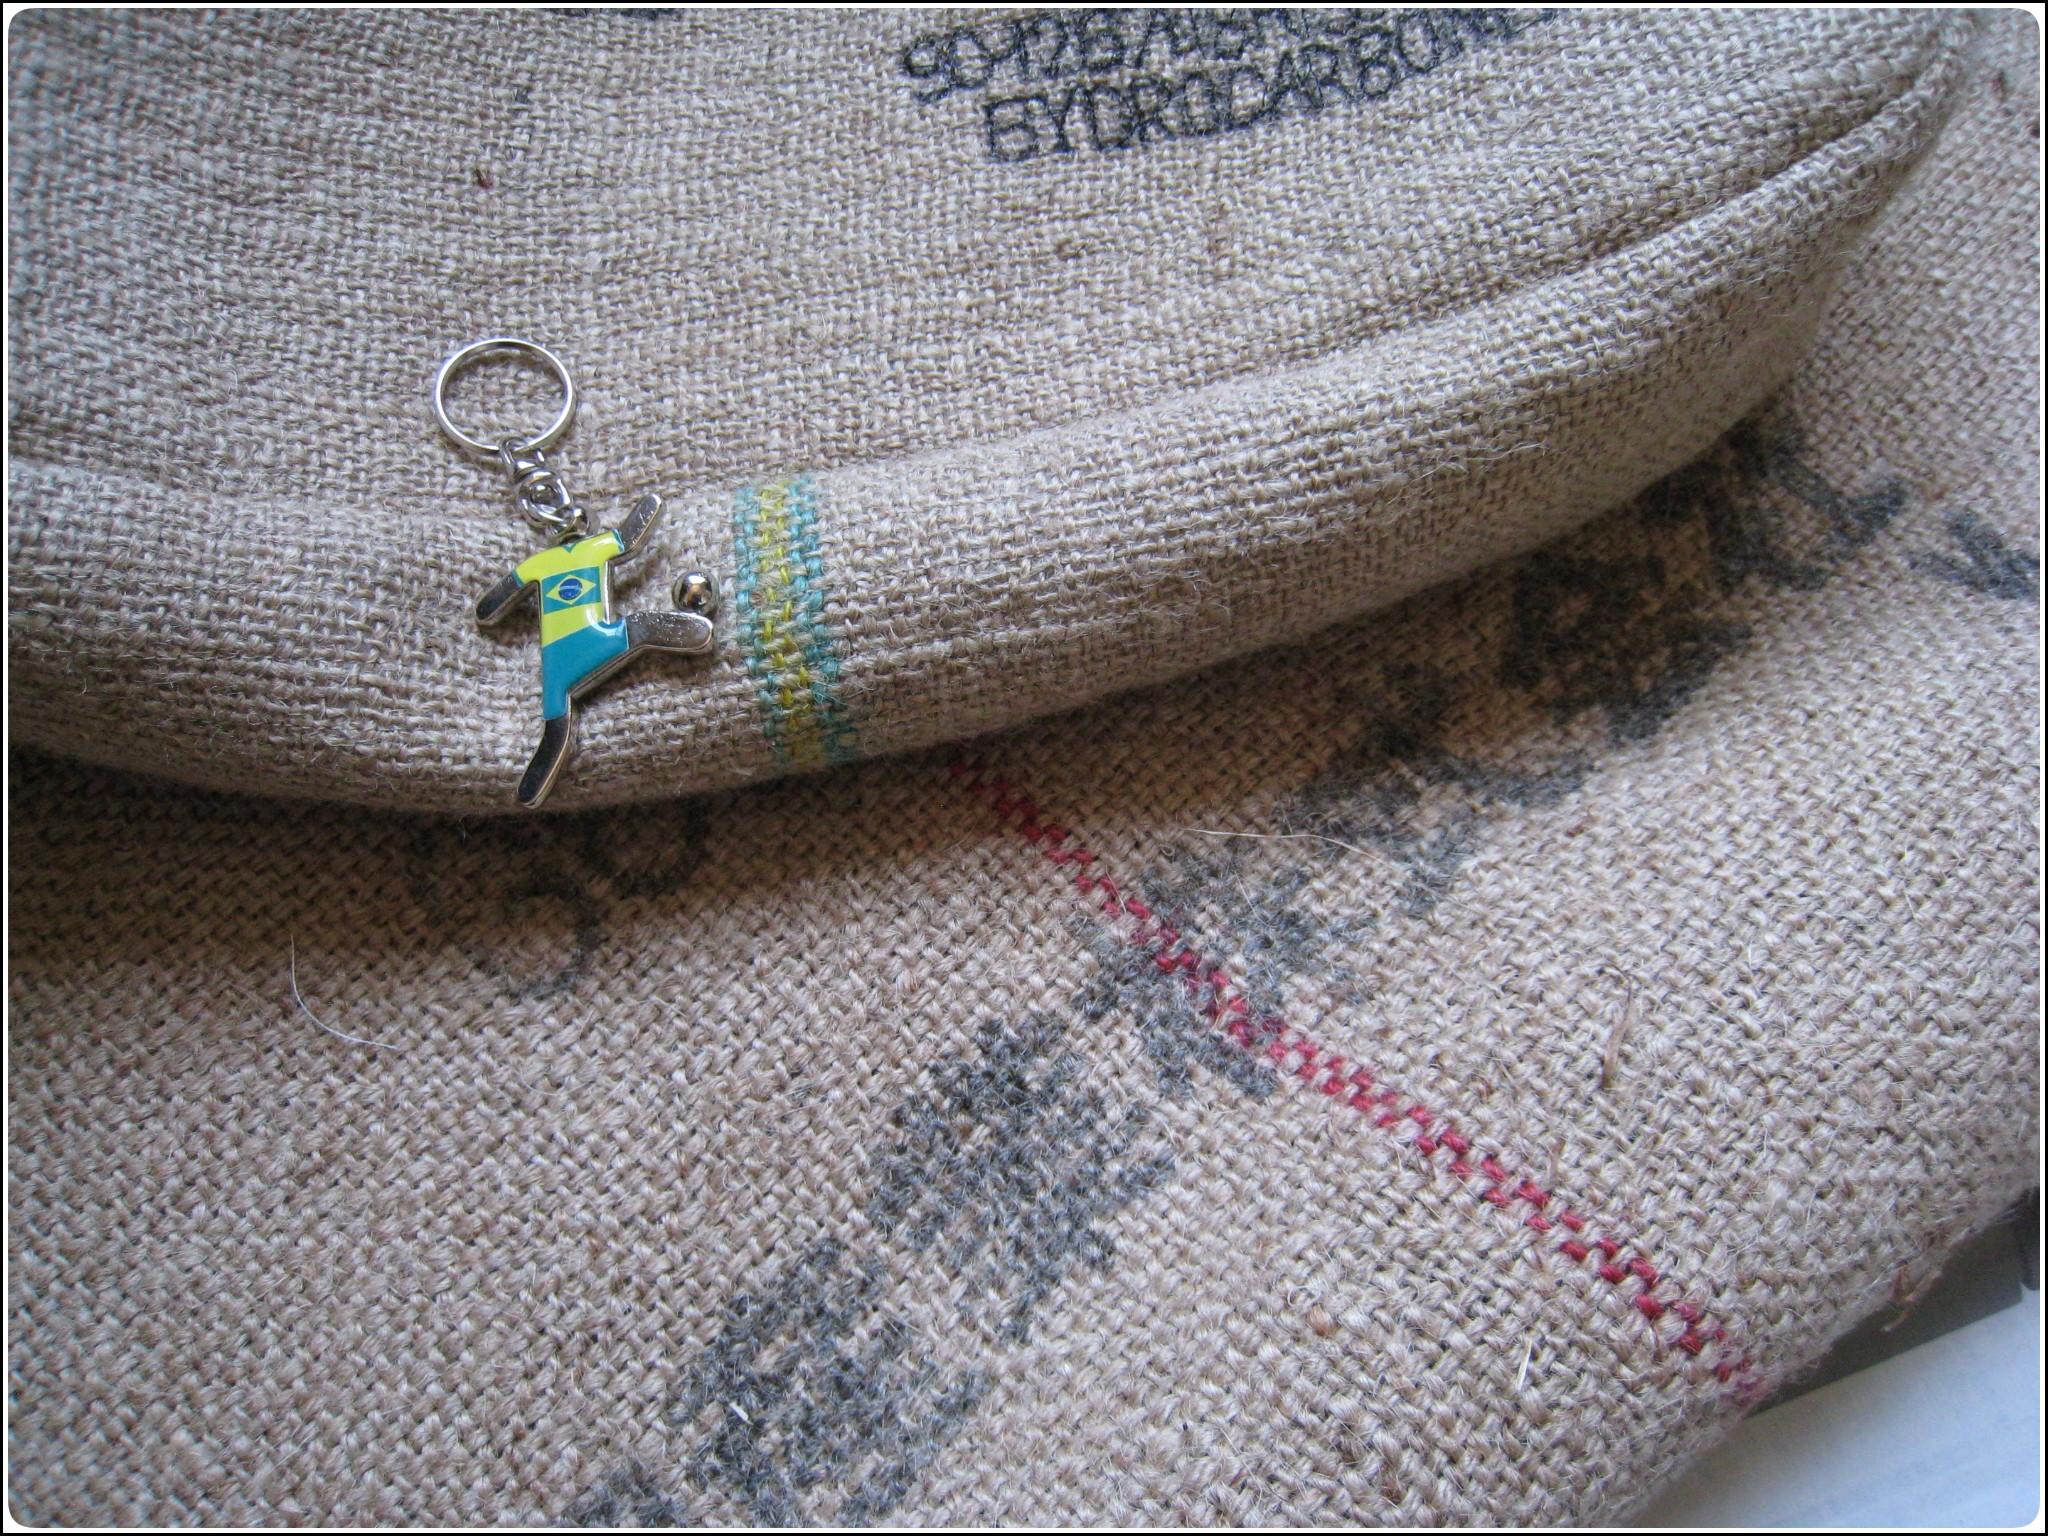 coffeesacks_528.jpg